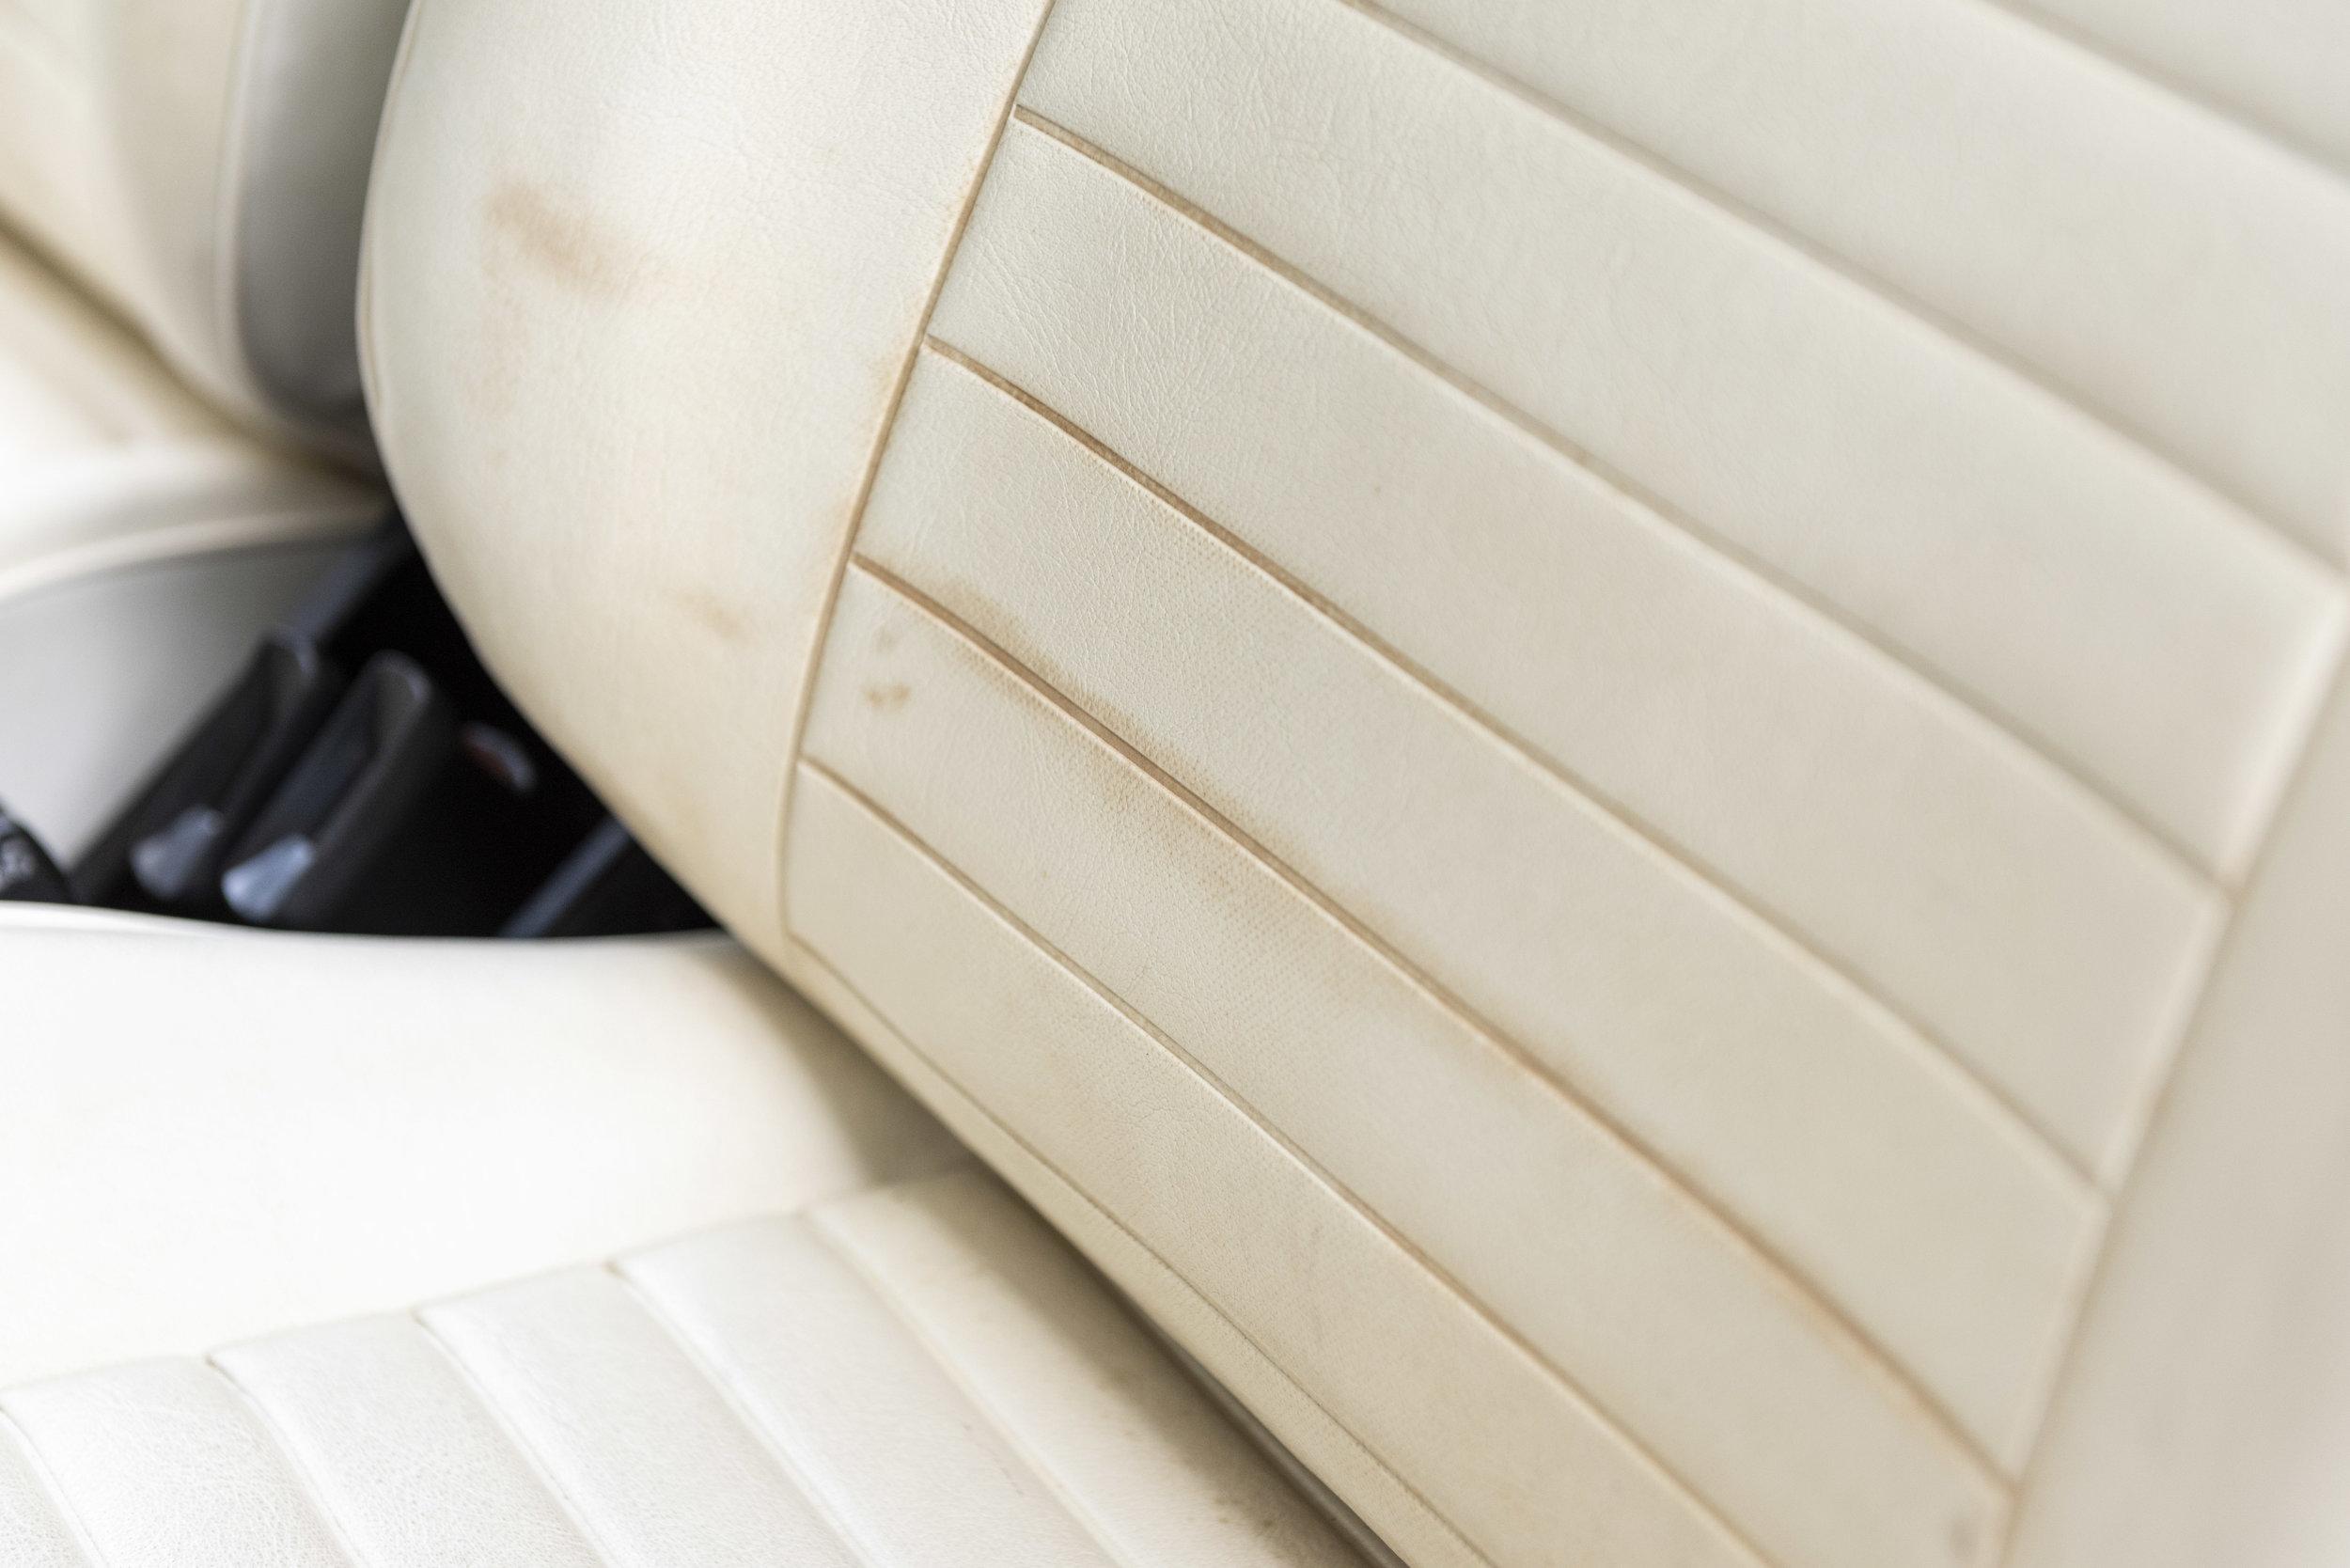 VW Bug Interior_017.JPG